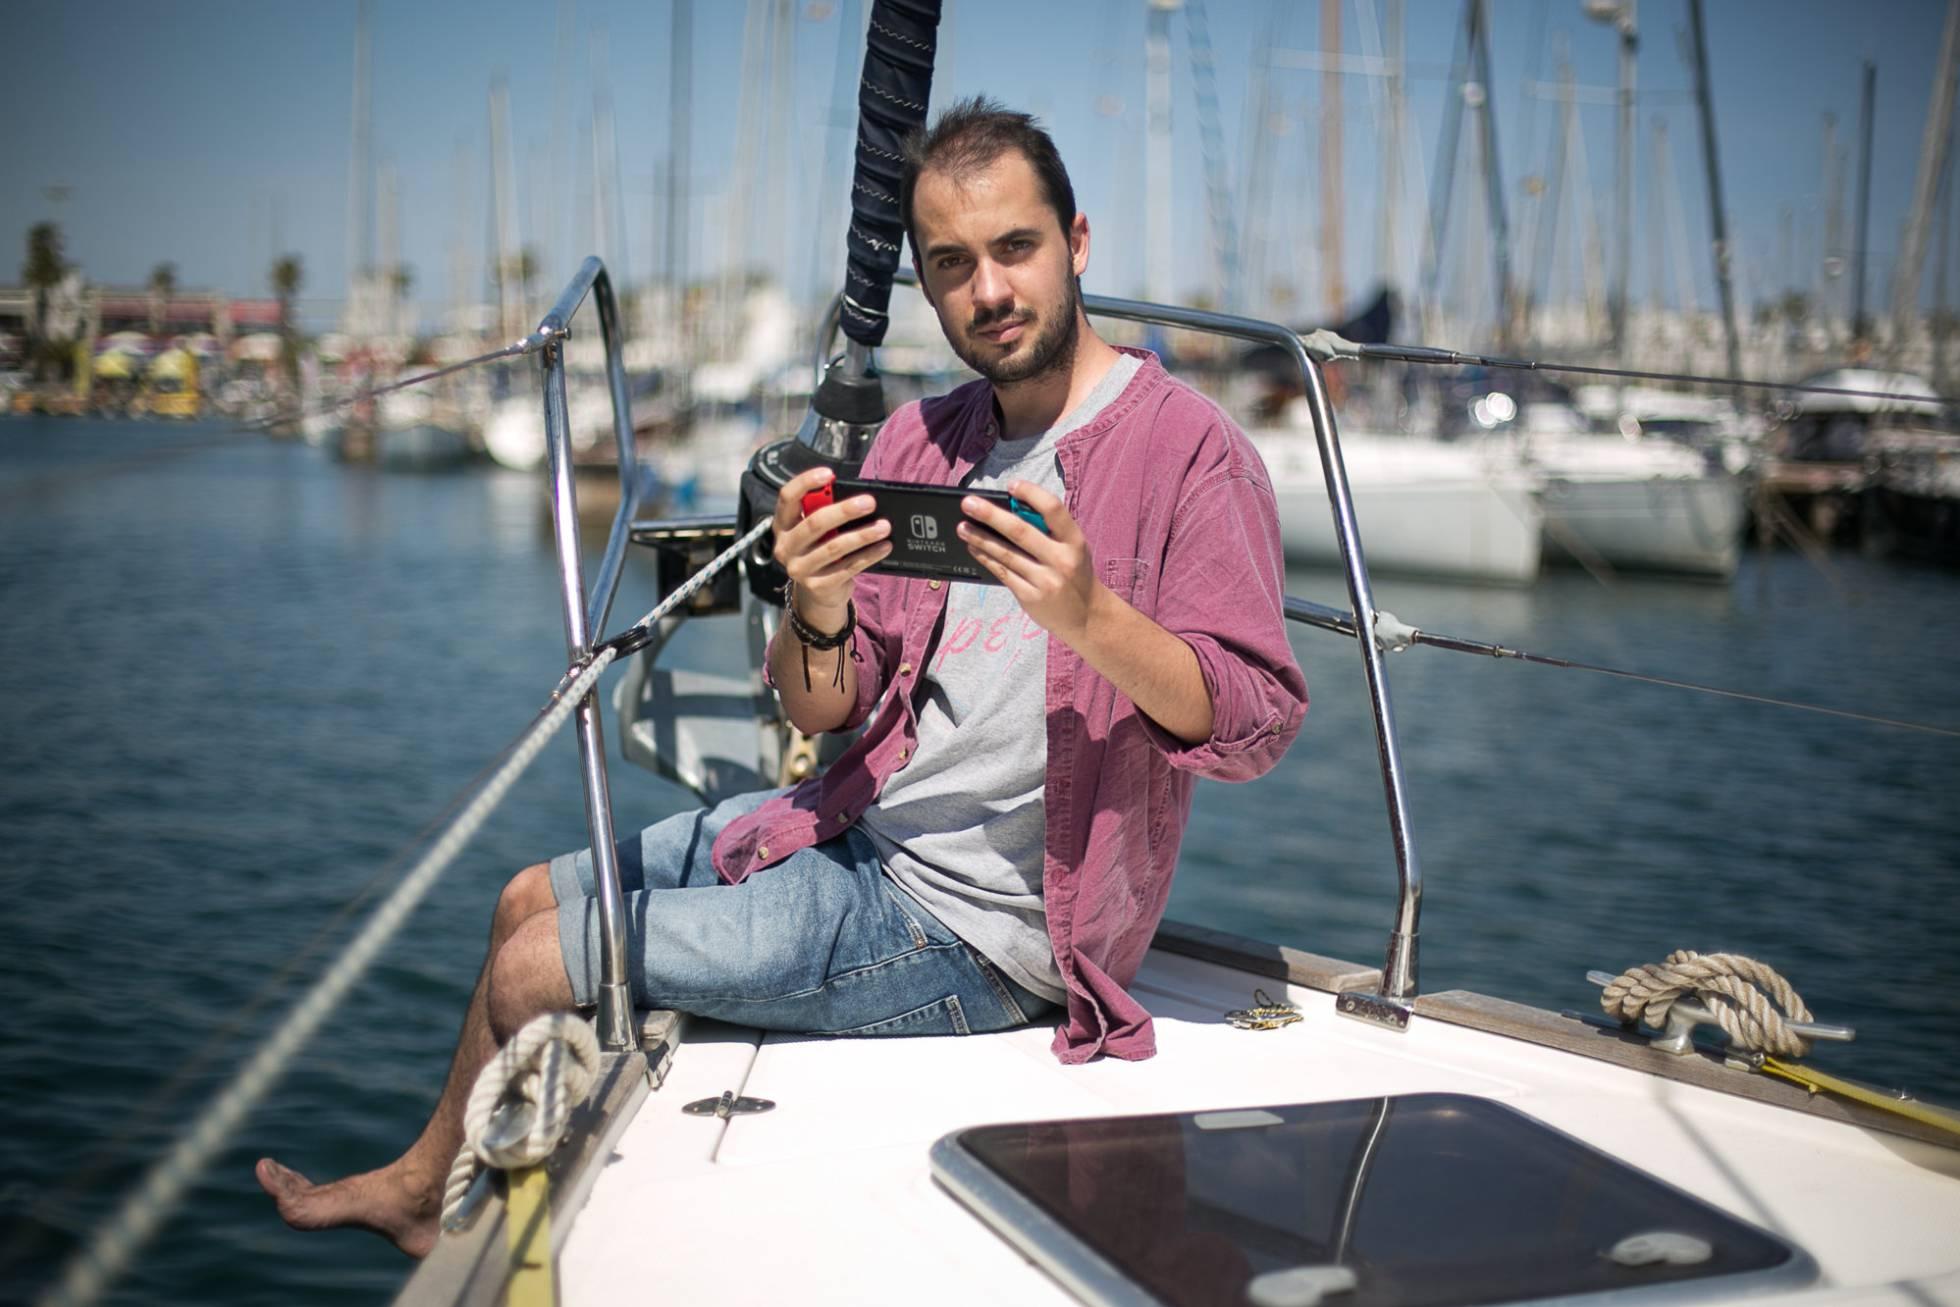 Побережье Коста Брава вдохновило разработчиков на создание видеоигры, призывающей беречь морской мир